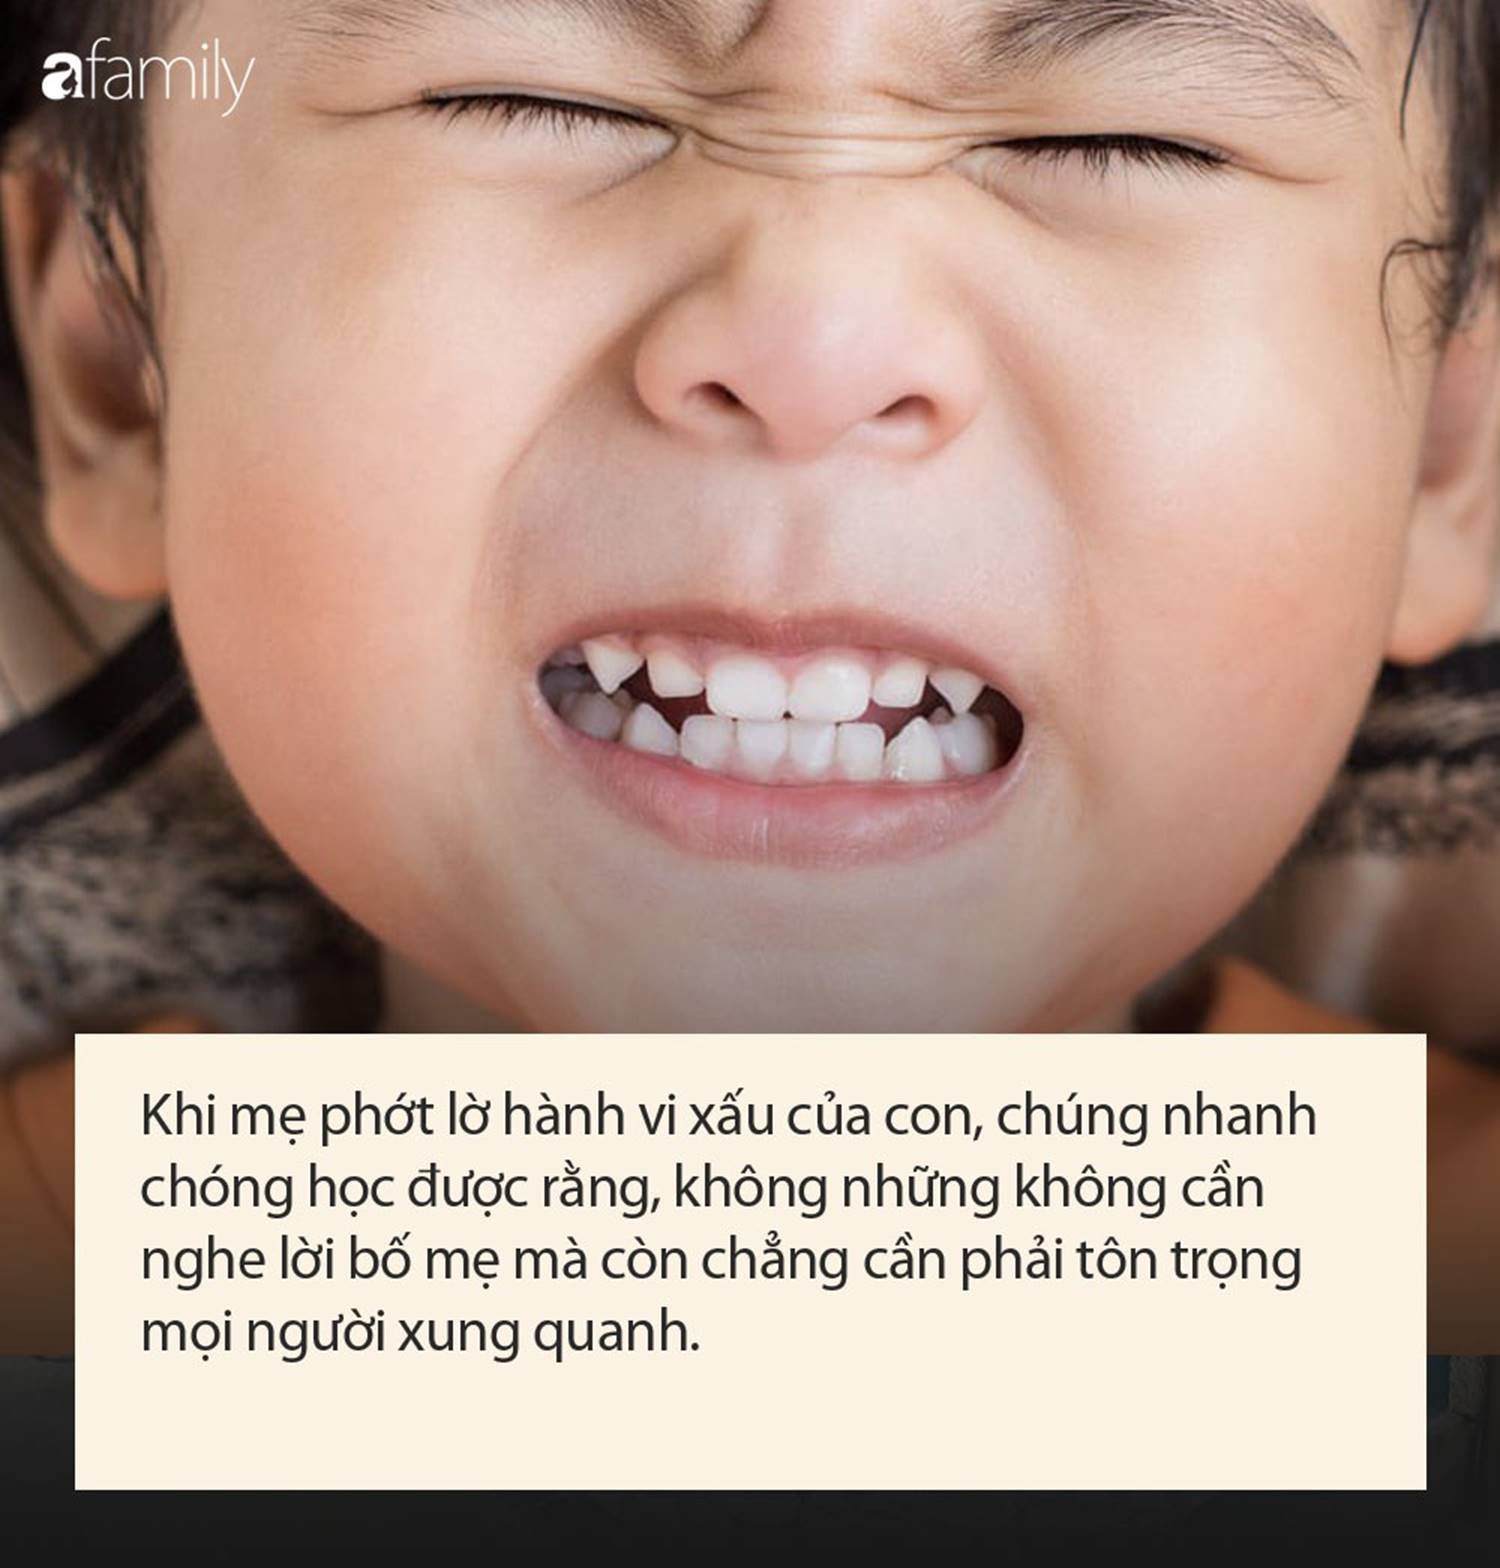 Những hành vi xấu của con – mẹ cần chấn chỉnh ngay kẻo hối không kịp-4